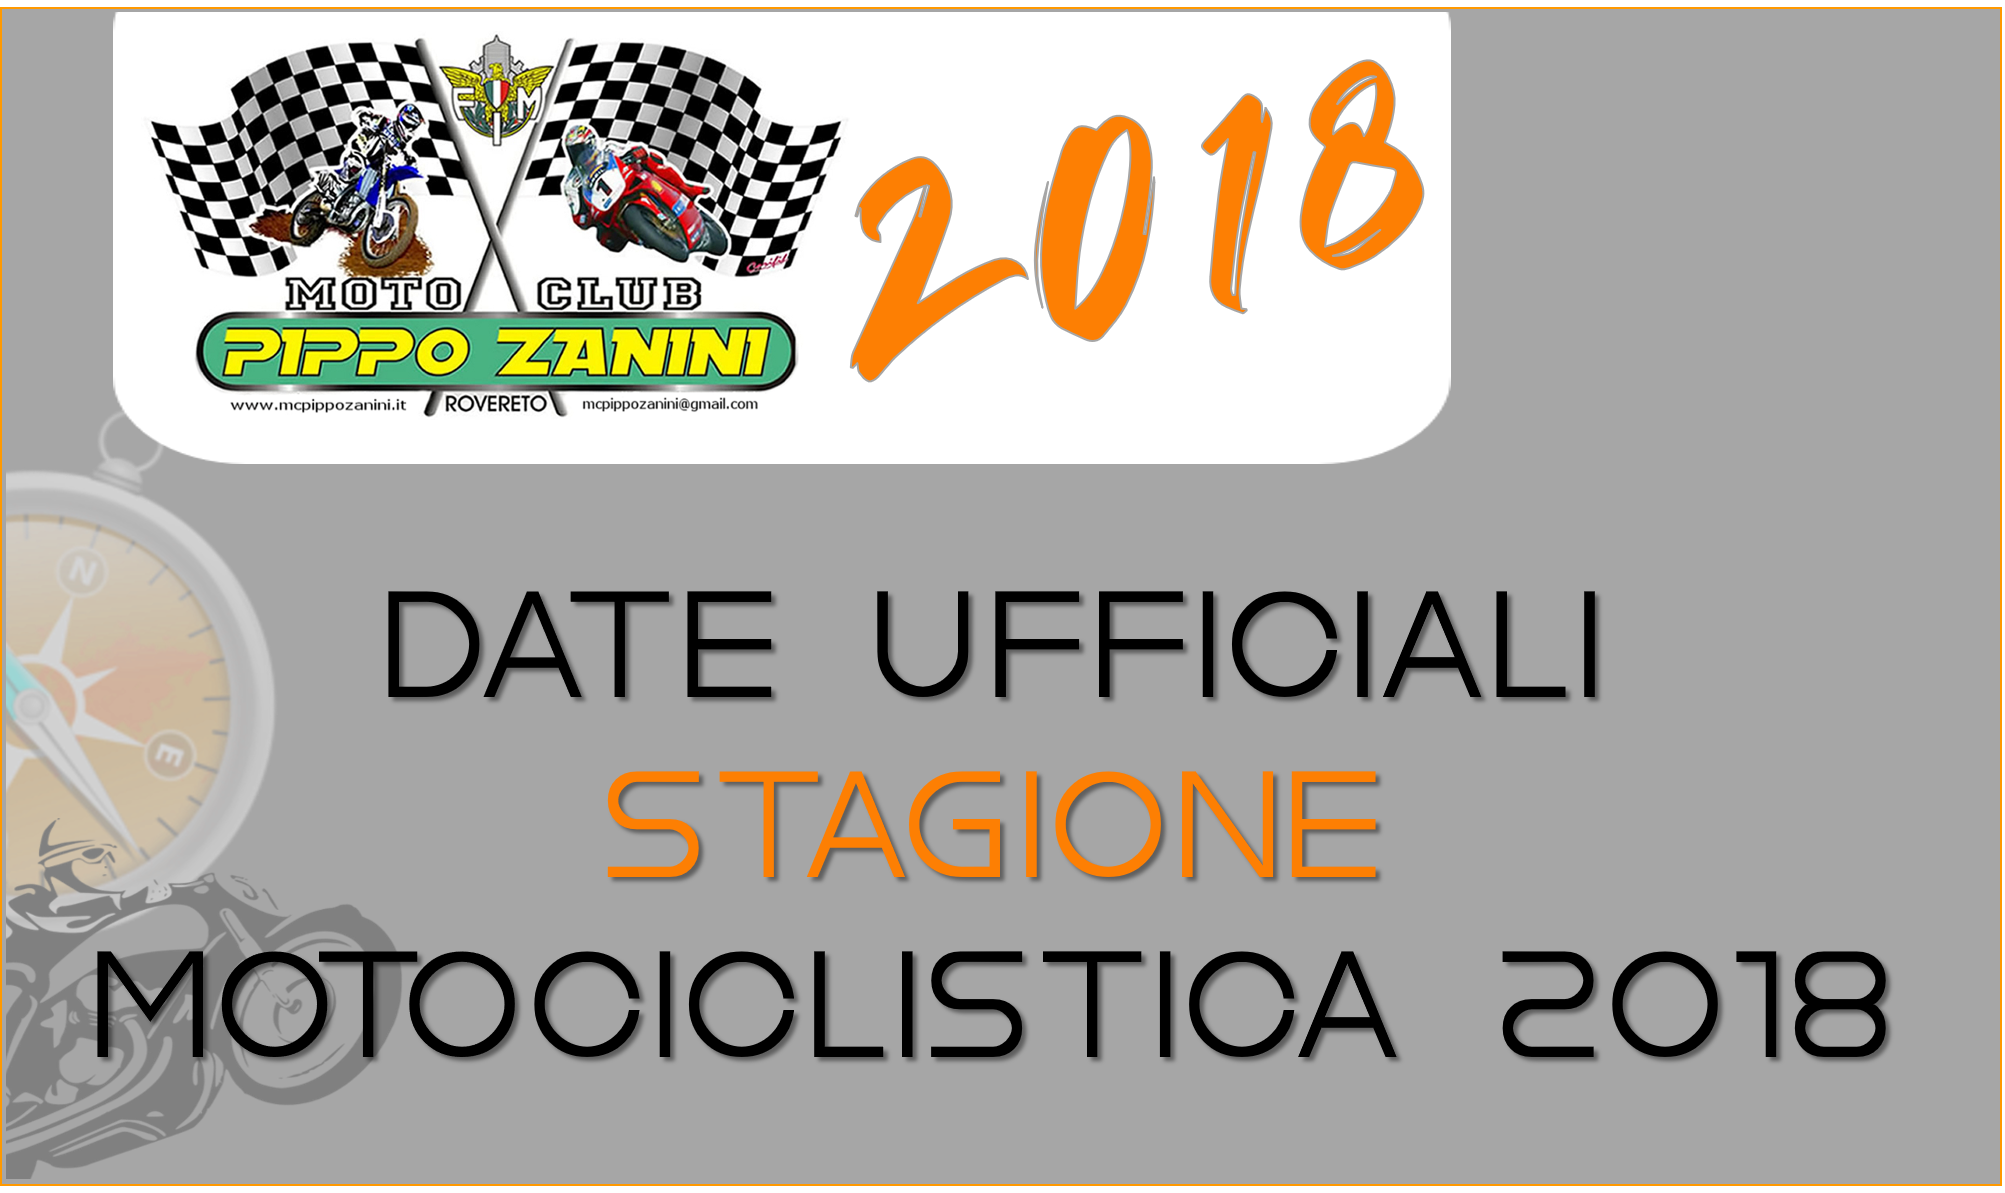 Ecco le date Ufficiali per la Stagione 2018